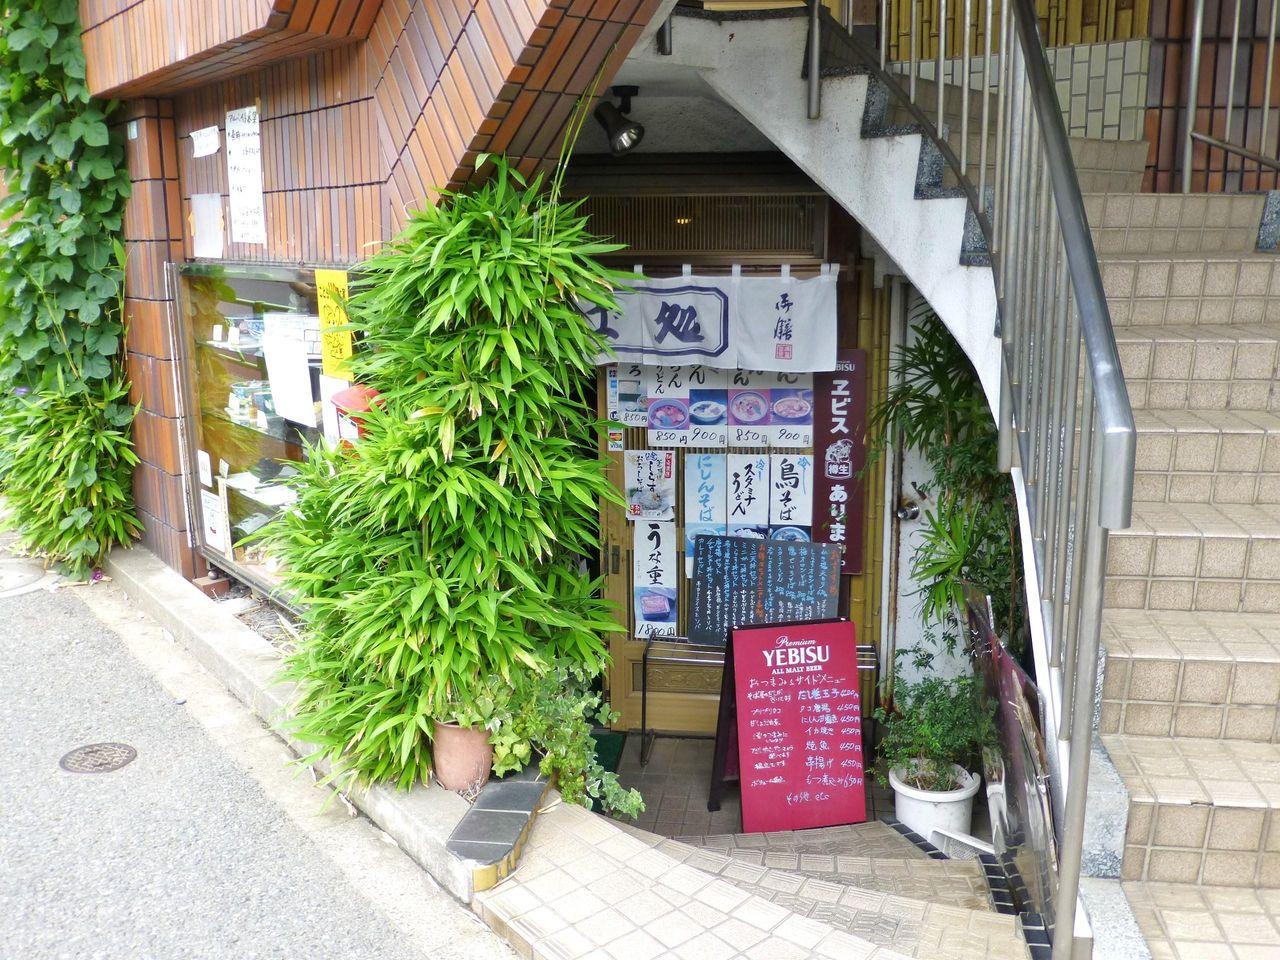 テレビで紹介された駒場東大のデカ盛り店「満留賀」